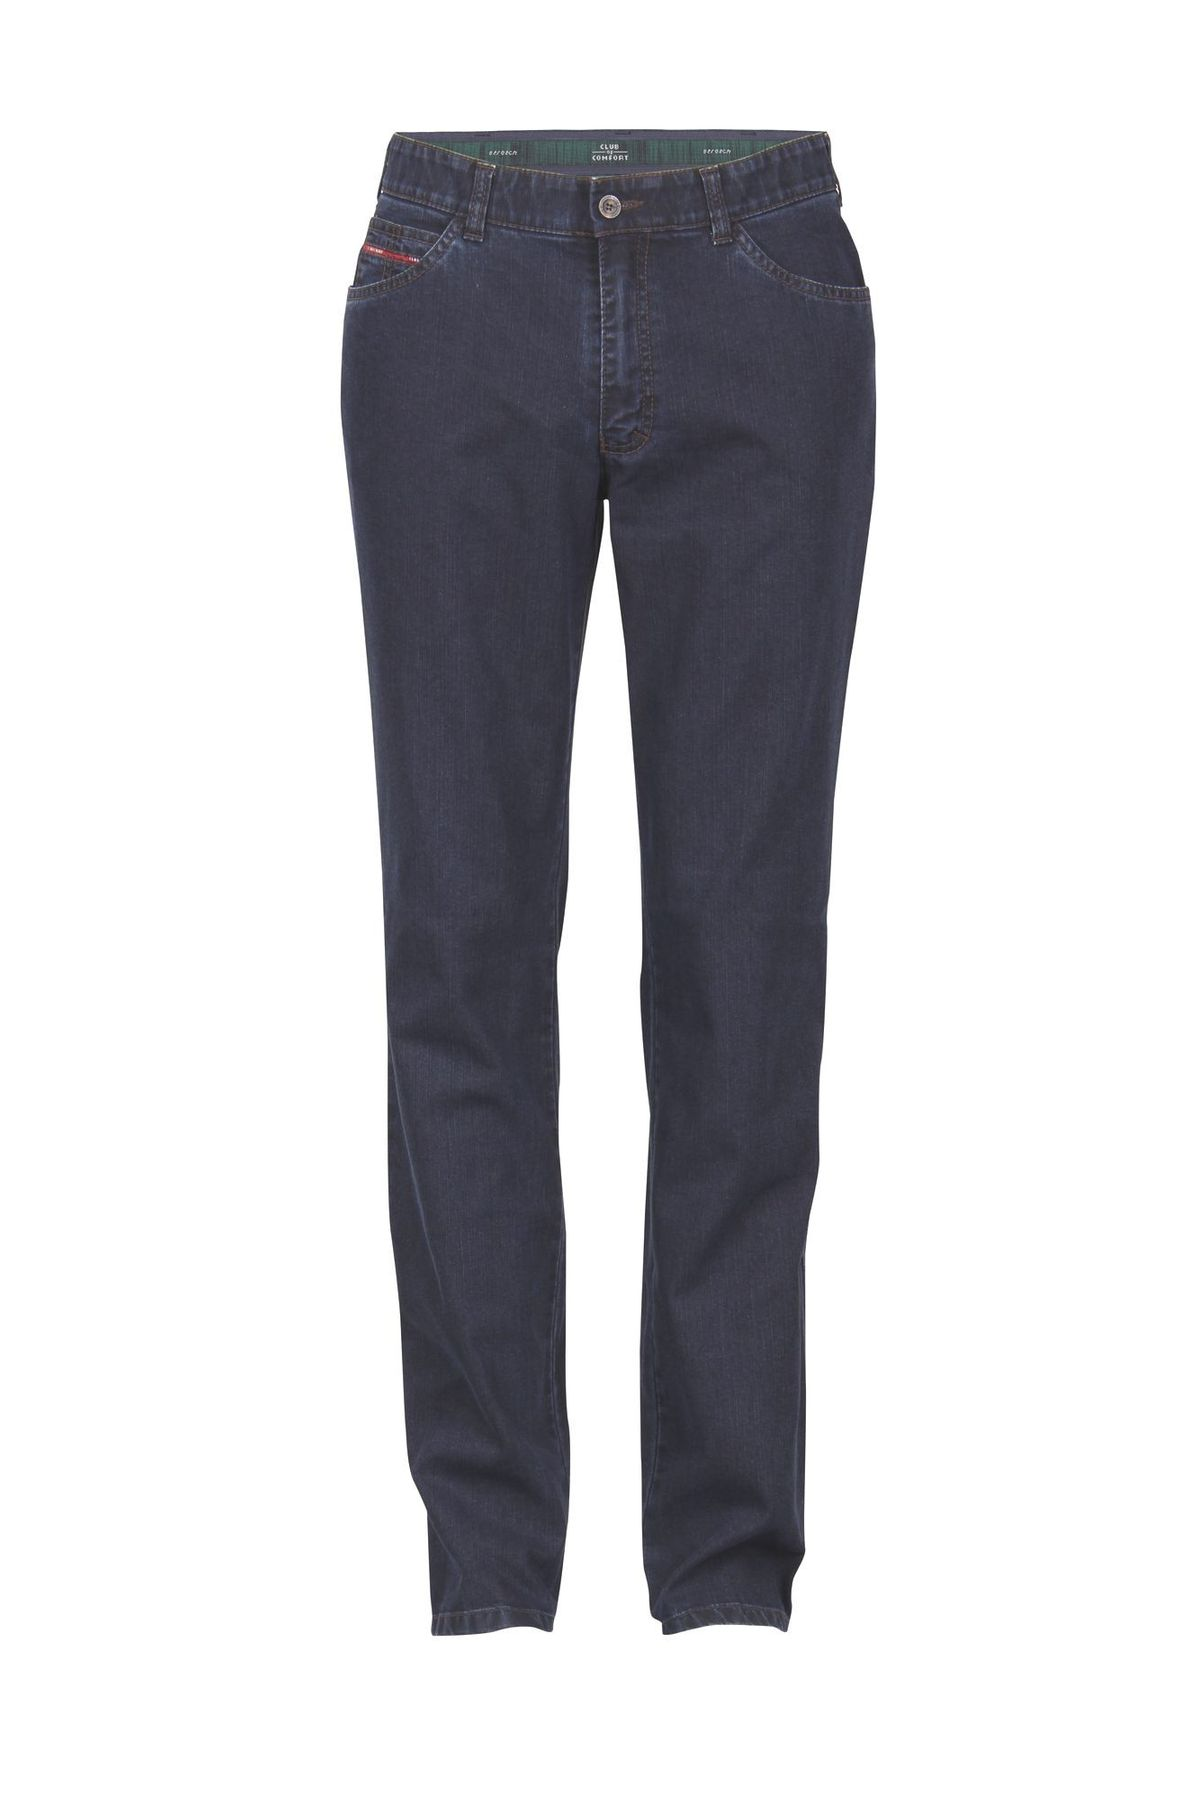 Club of Comfort - Herren Jeans Hose in verschiedenen Farbvarianten, Liam (4631) – Bild 5